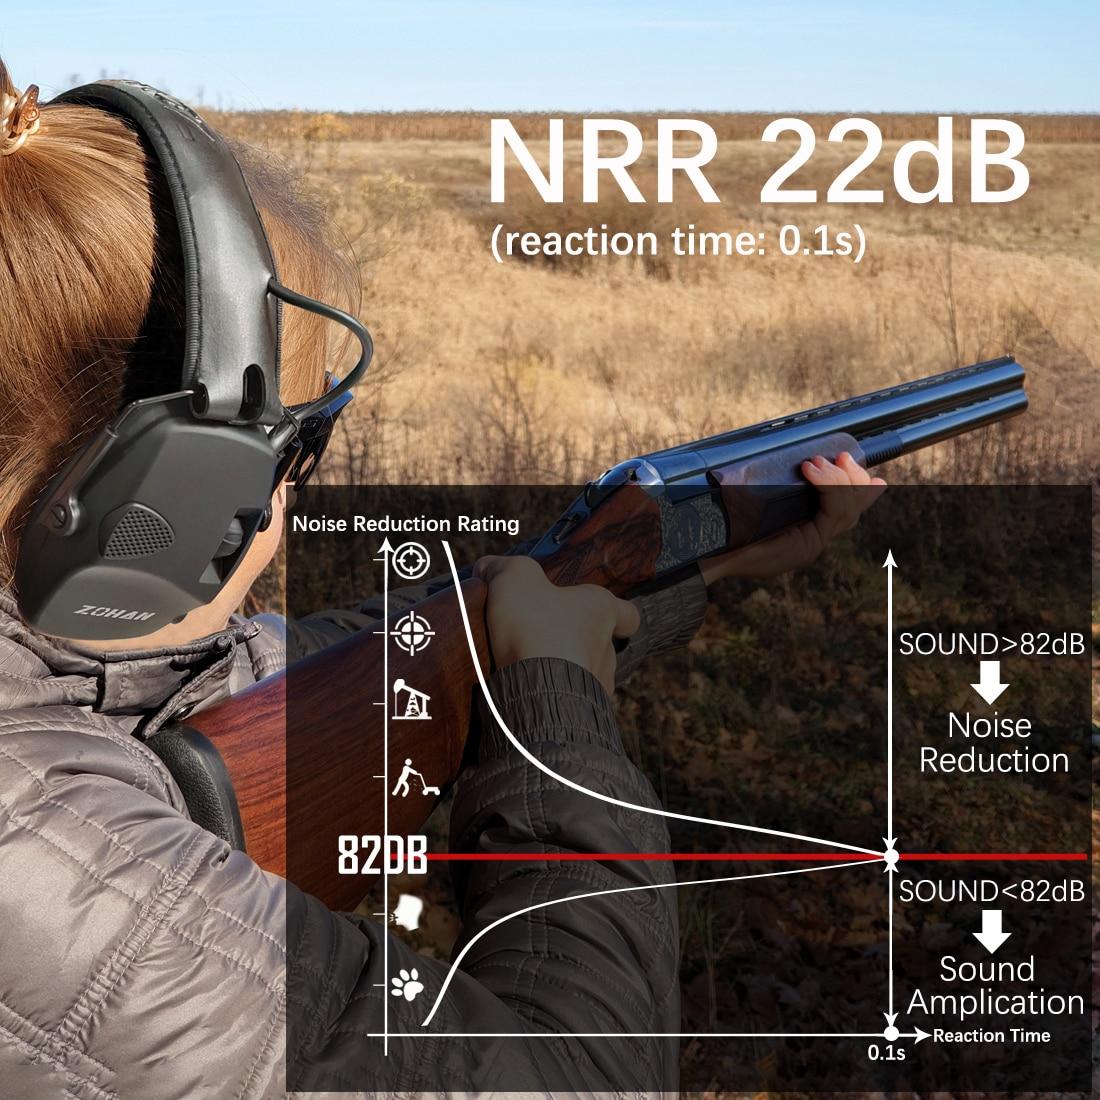 ZOHAN électronique tir oreille Protection son Amplification Anti-bruit cache-oreilles professionnel chasse oreille défenseur Sport de plein air